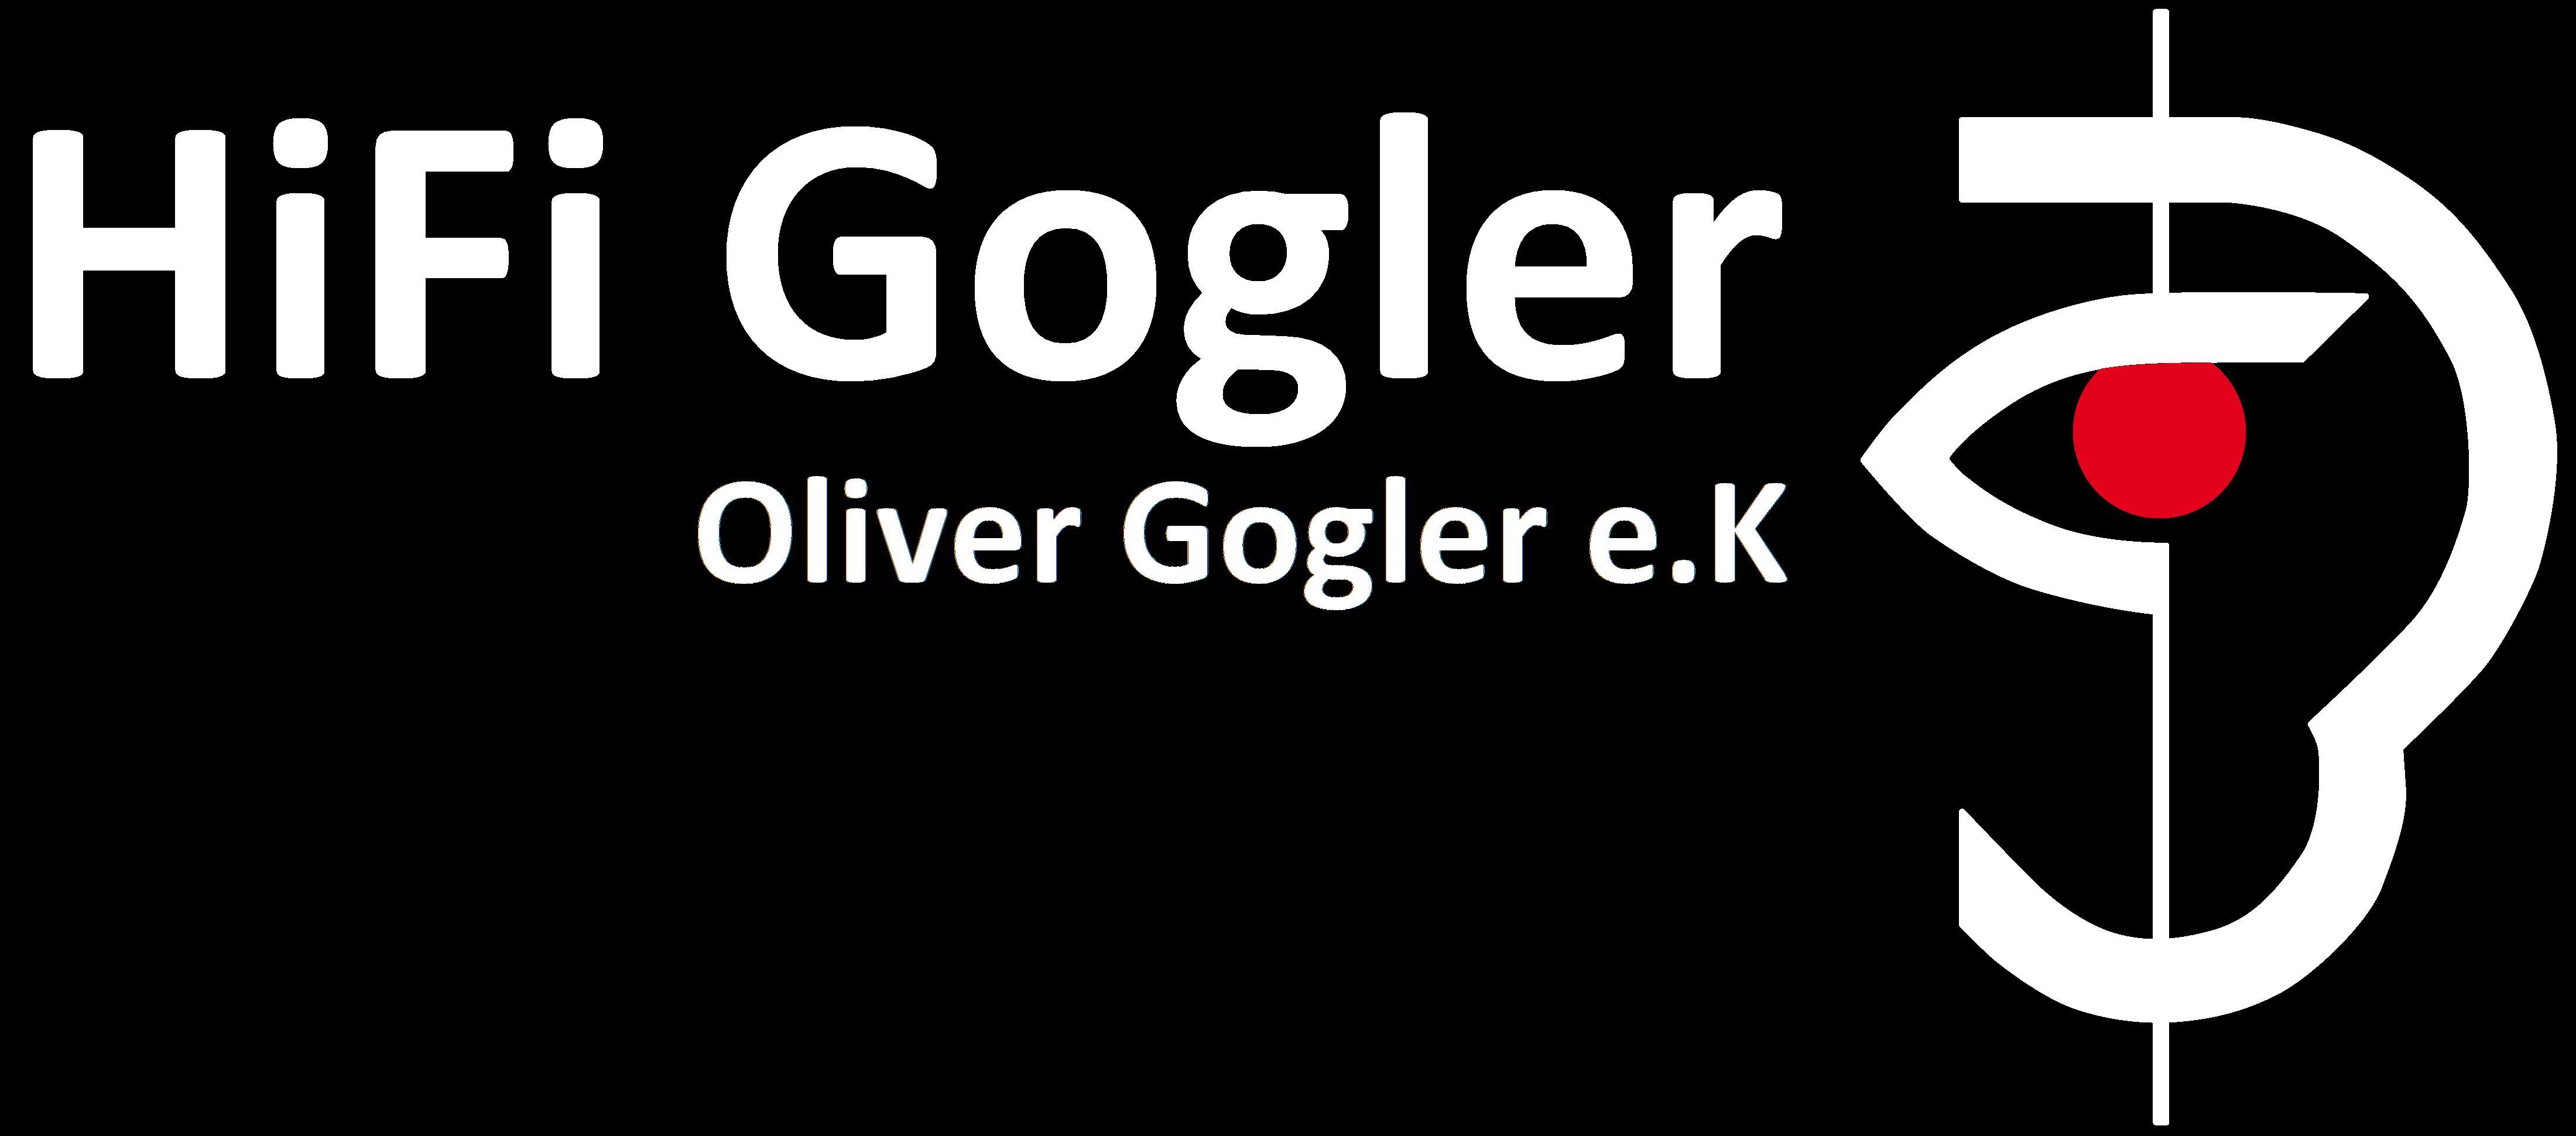 HiFi-Gogler | Kompetenz die Vertrauen schafft!